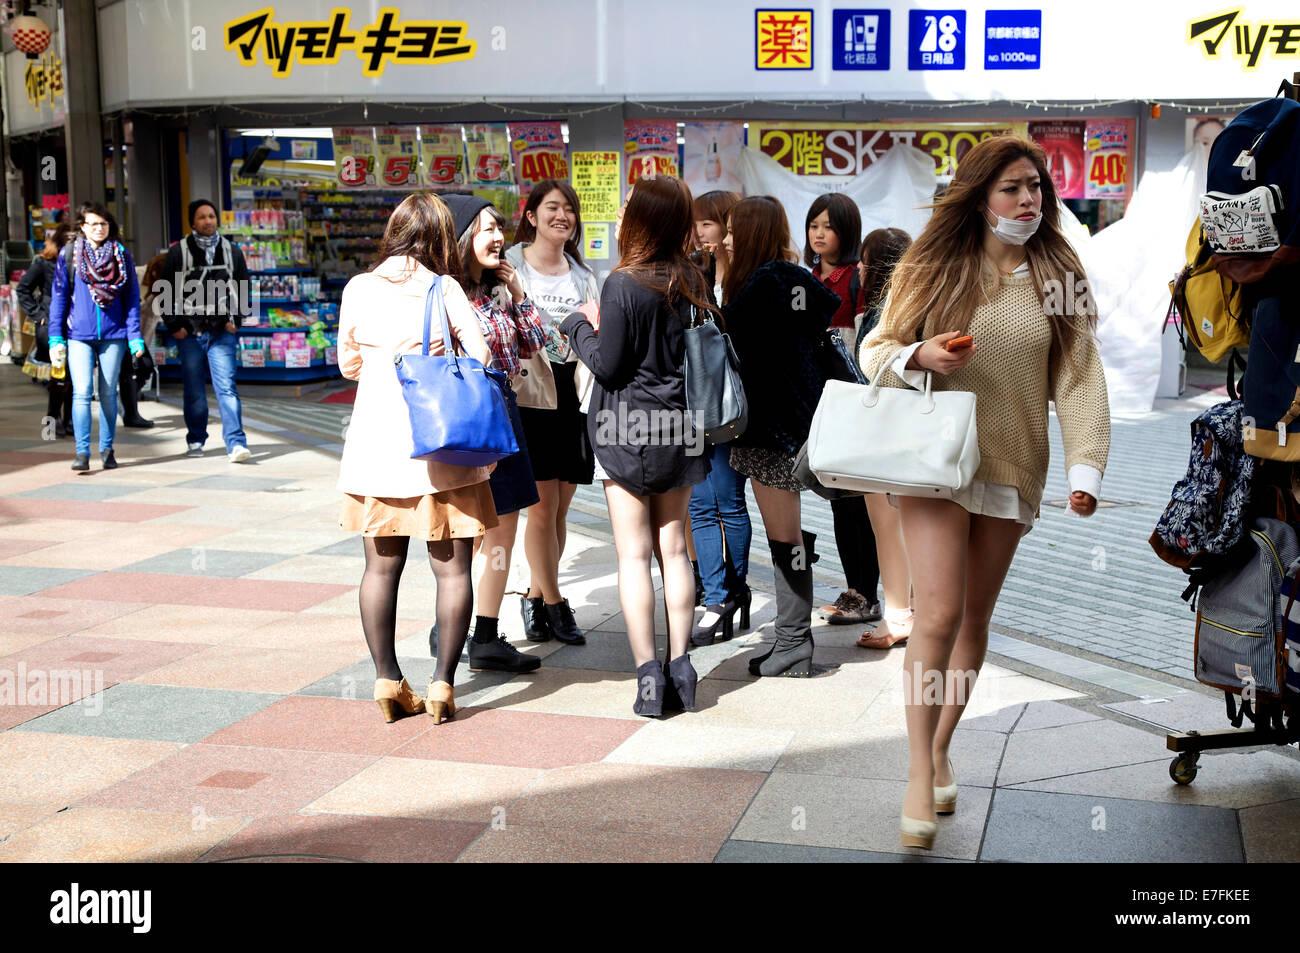 Giovani donne e ragazze, ragazzi adolescenti a Teramachi Shopping Arcade, Kyoto, Giappone, Asia Immagini Stock